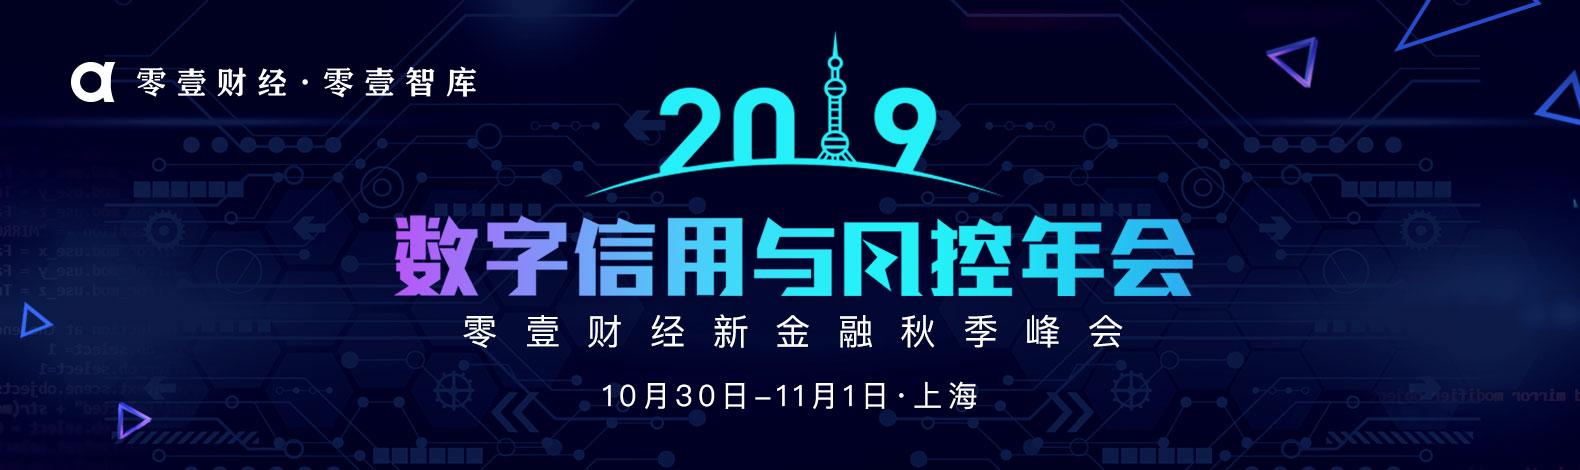 2019年数字信用与风控年会